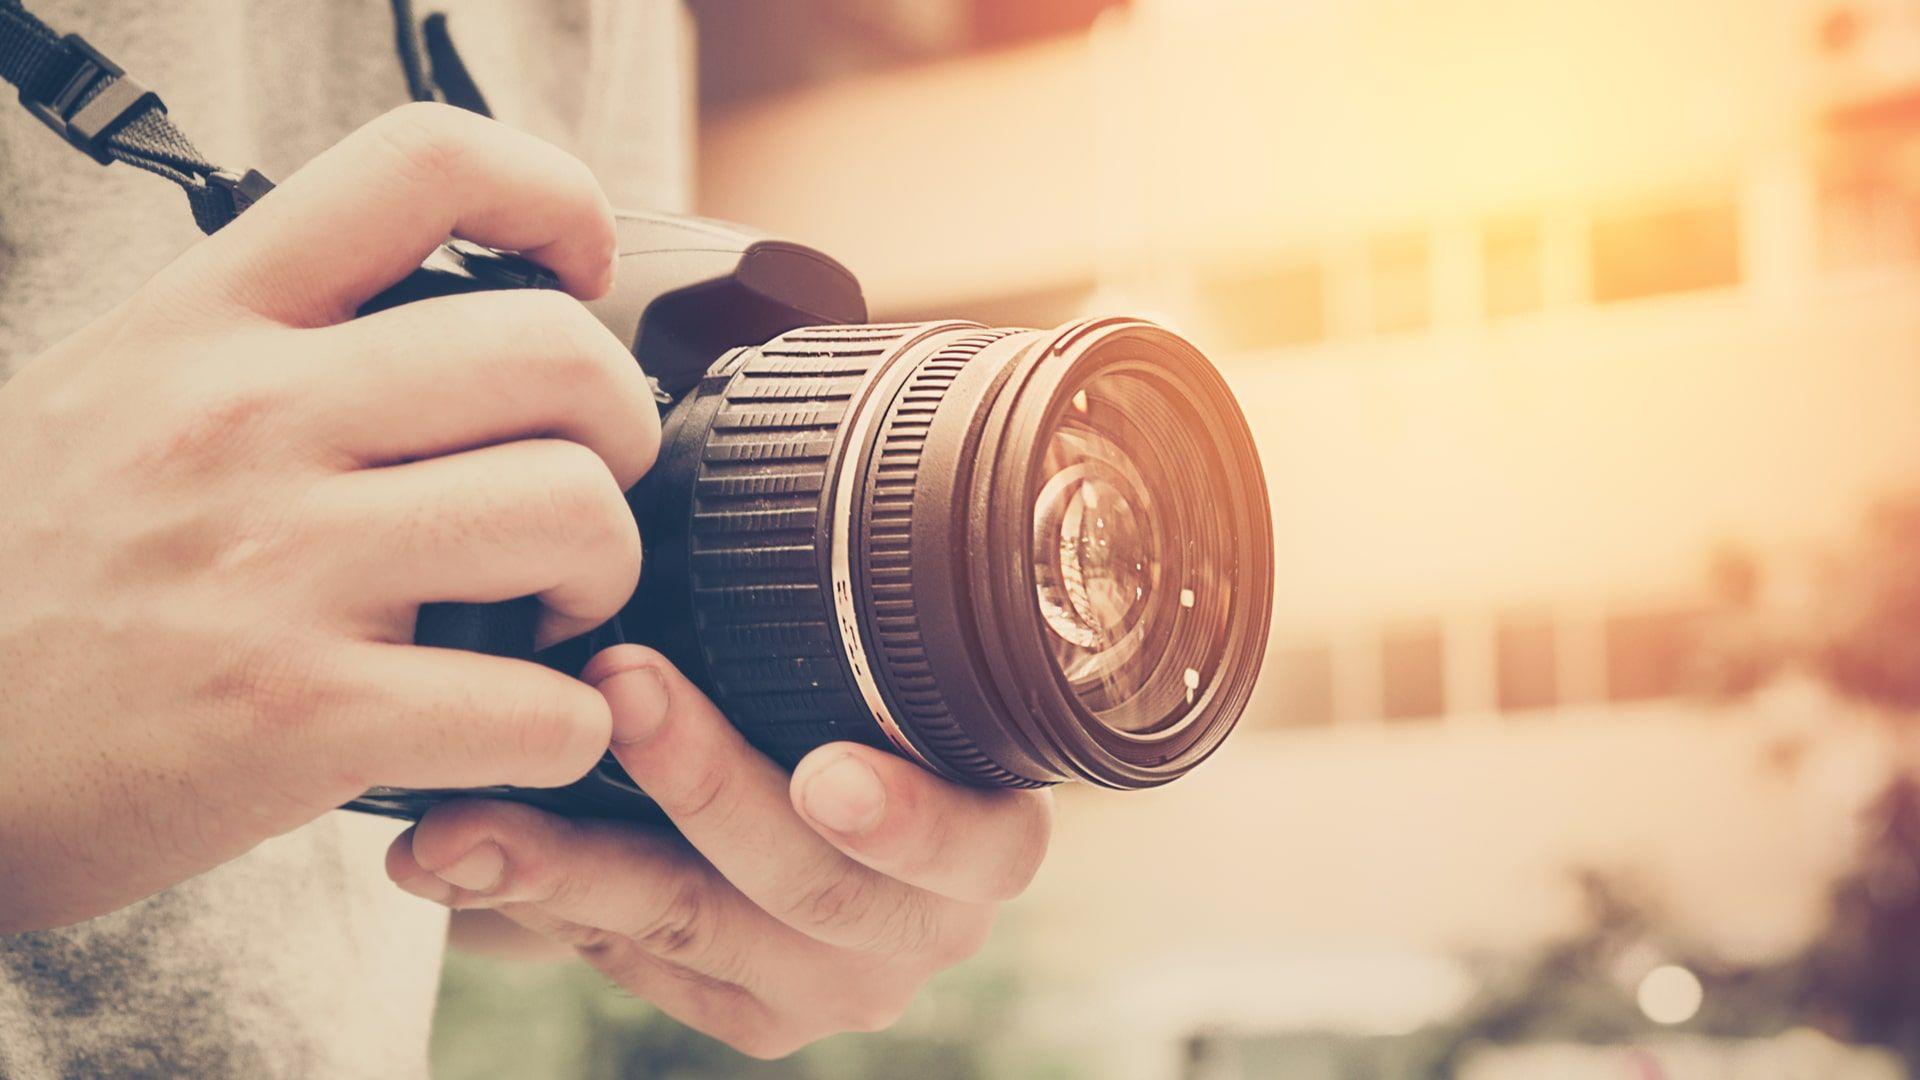 Câmera DSLR são usadas por profissionais e permitem trocar a lente (Foto: Shutterstock)